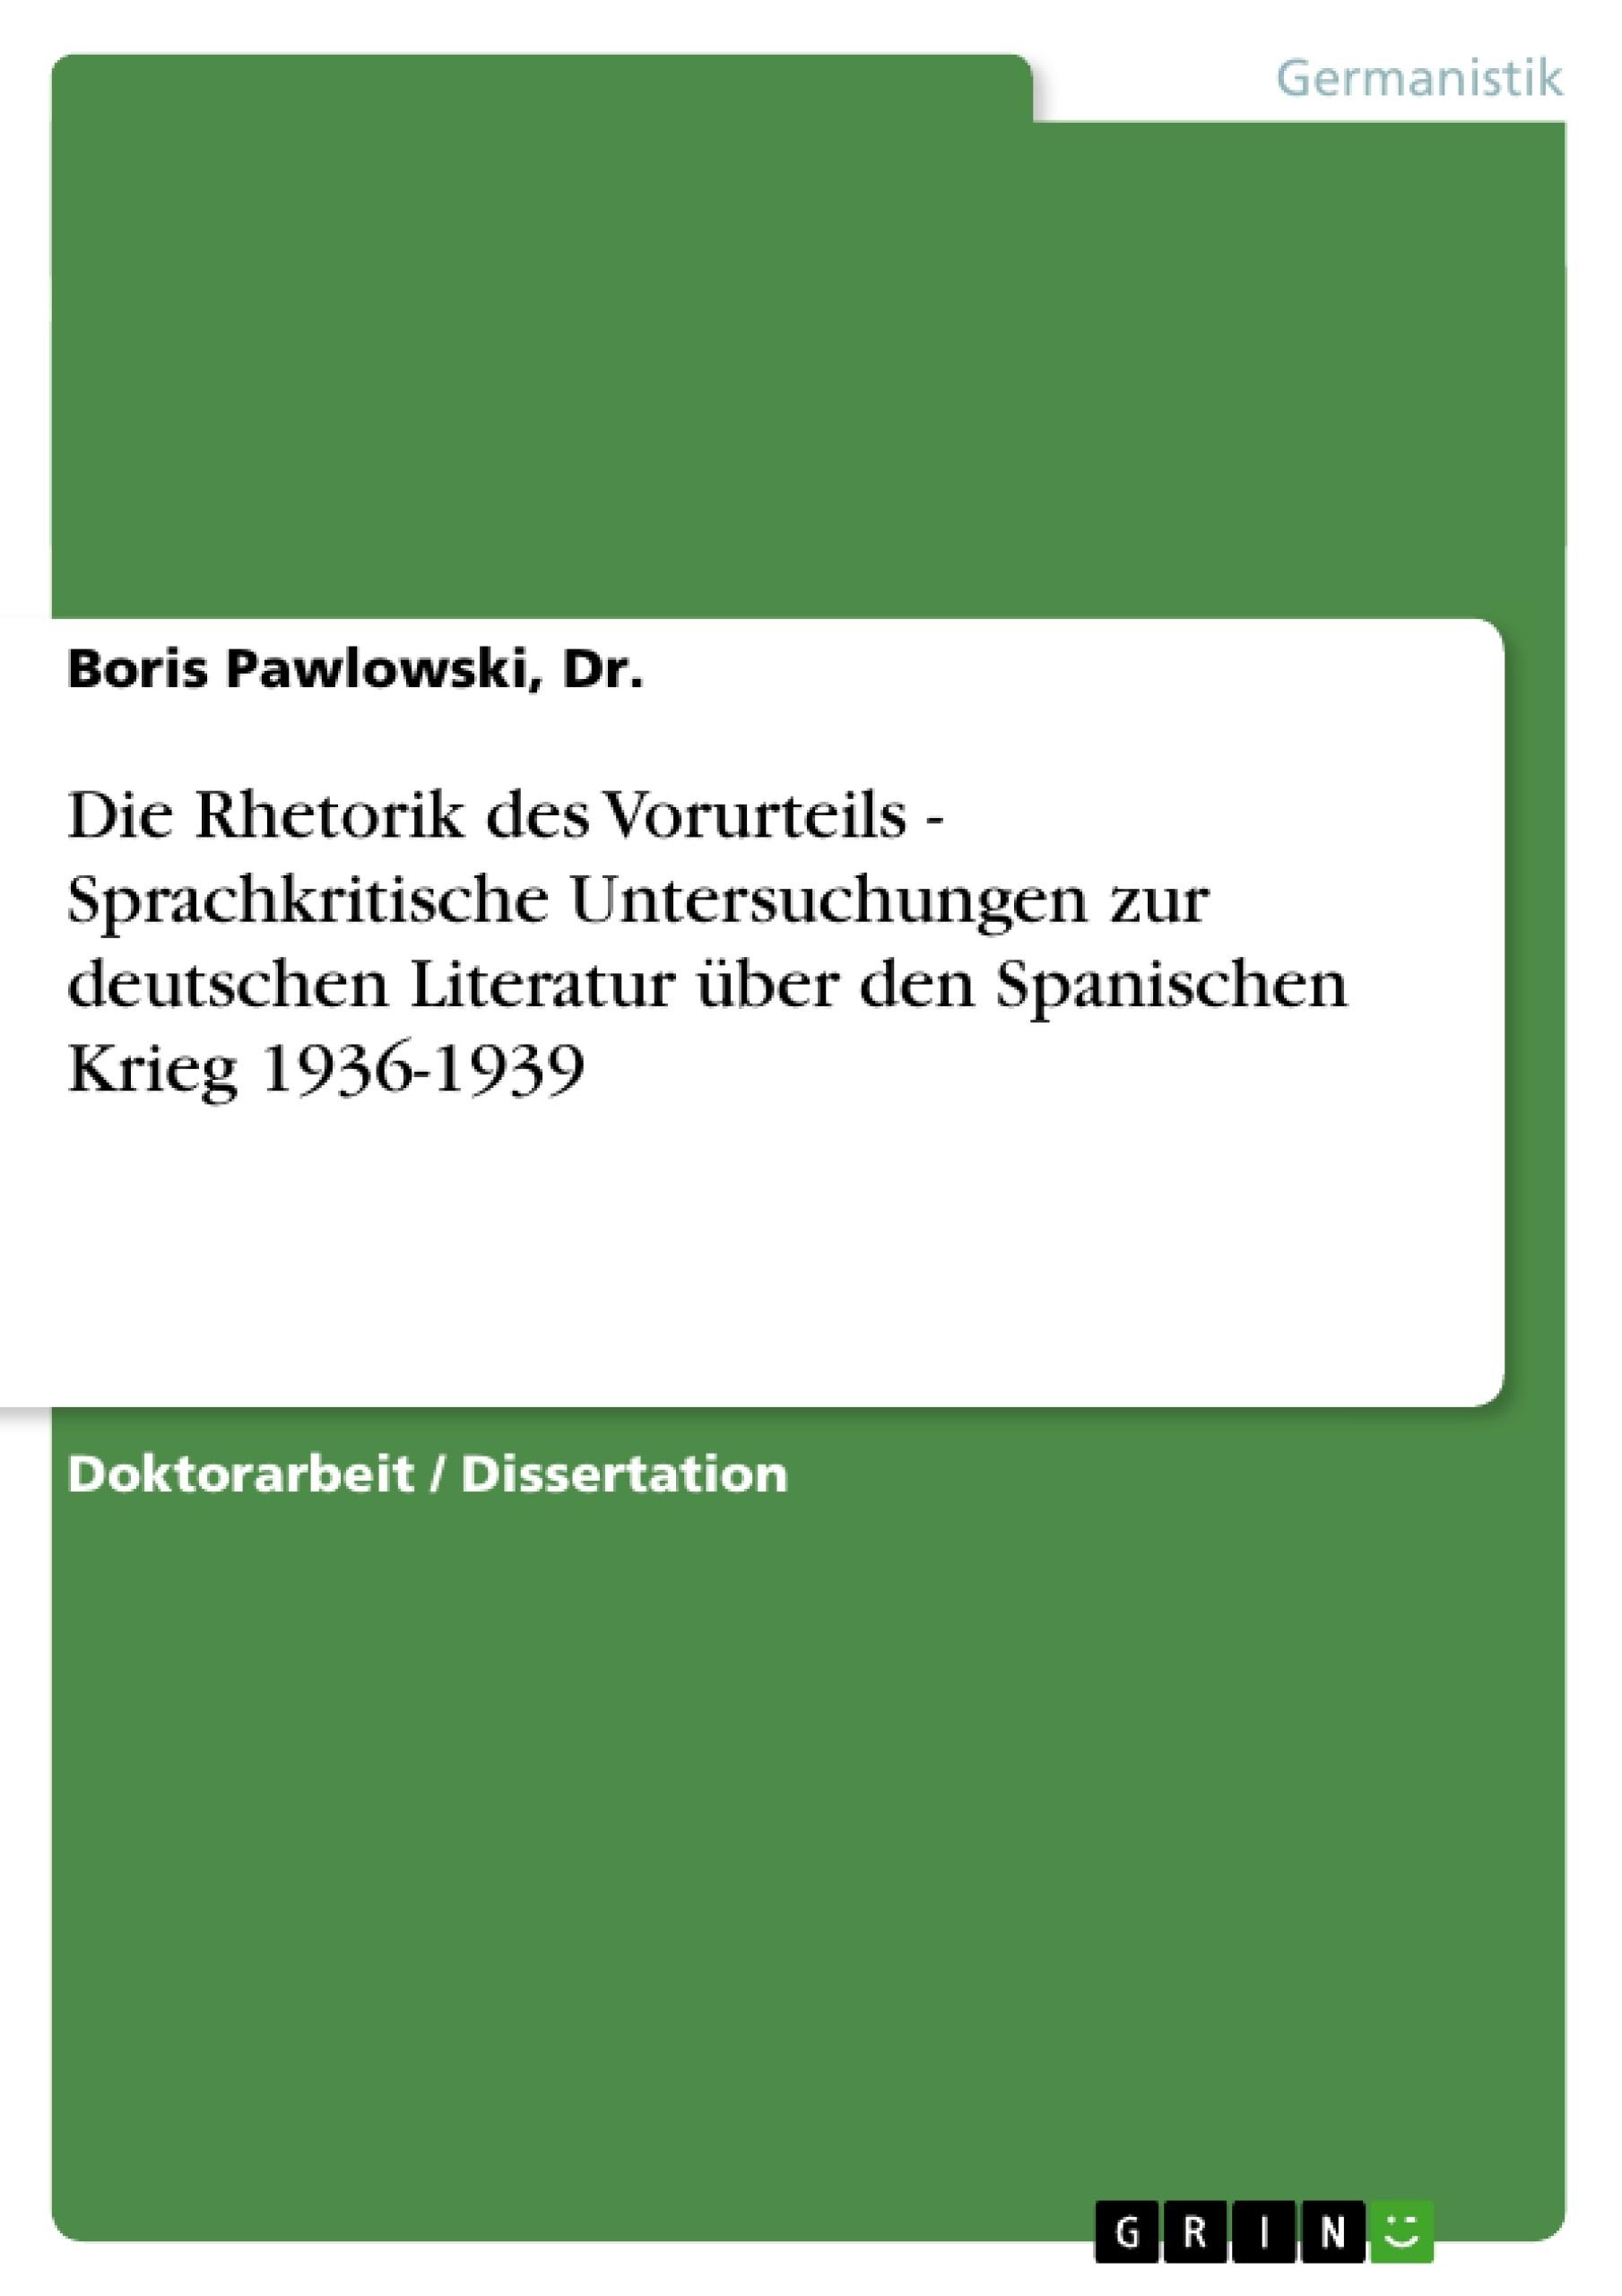 Titel: Die Rhetorik des Vorurteils - Sprachkritische Untersuchungen zur deutschen Literatur über den Spanischen Krieg 1936-1939